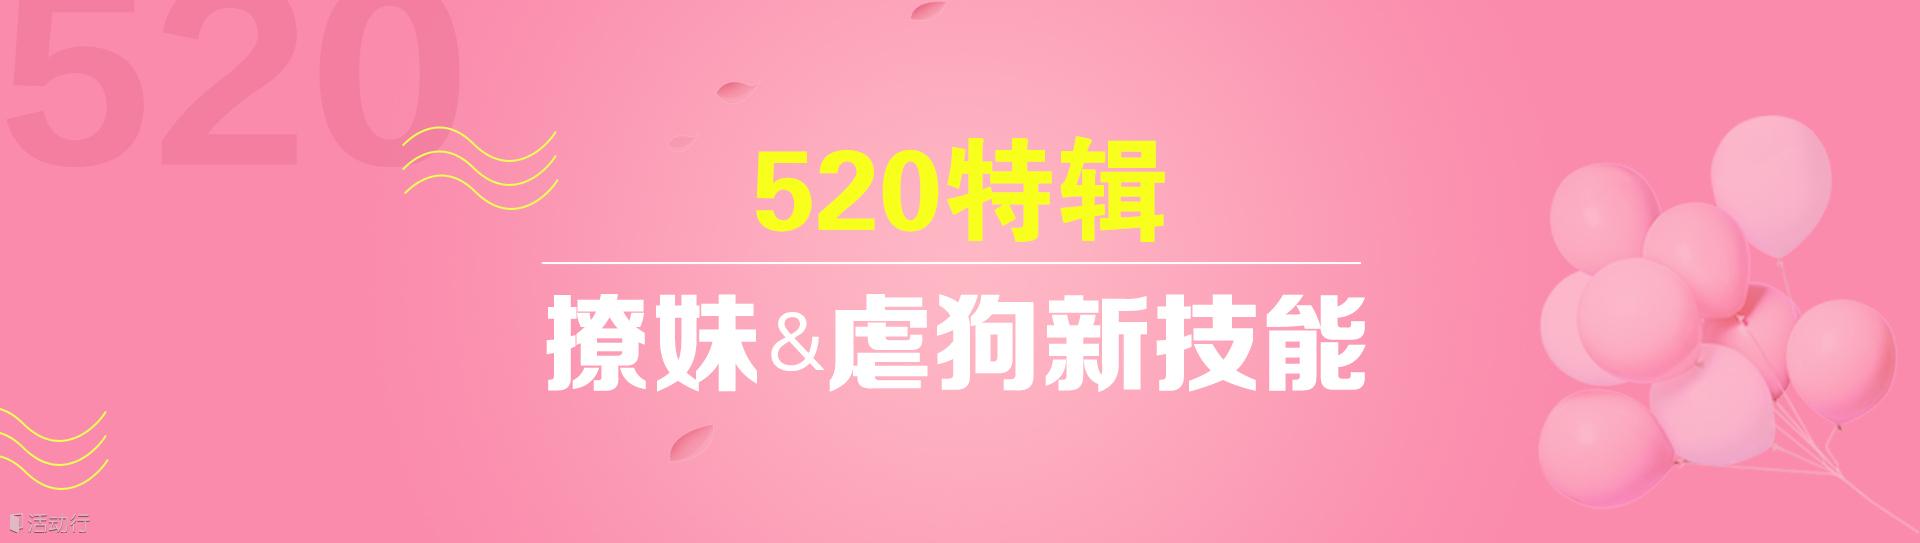 520特辑 撩妹&虐狗新技能